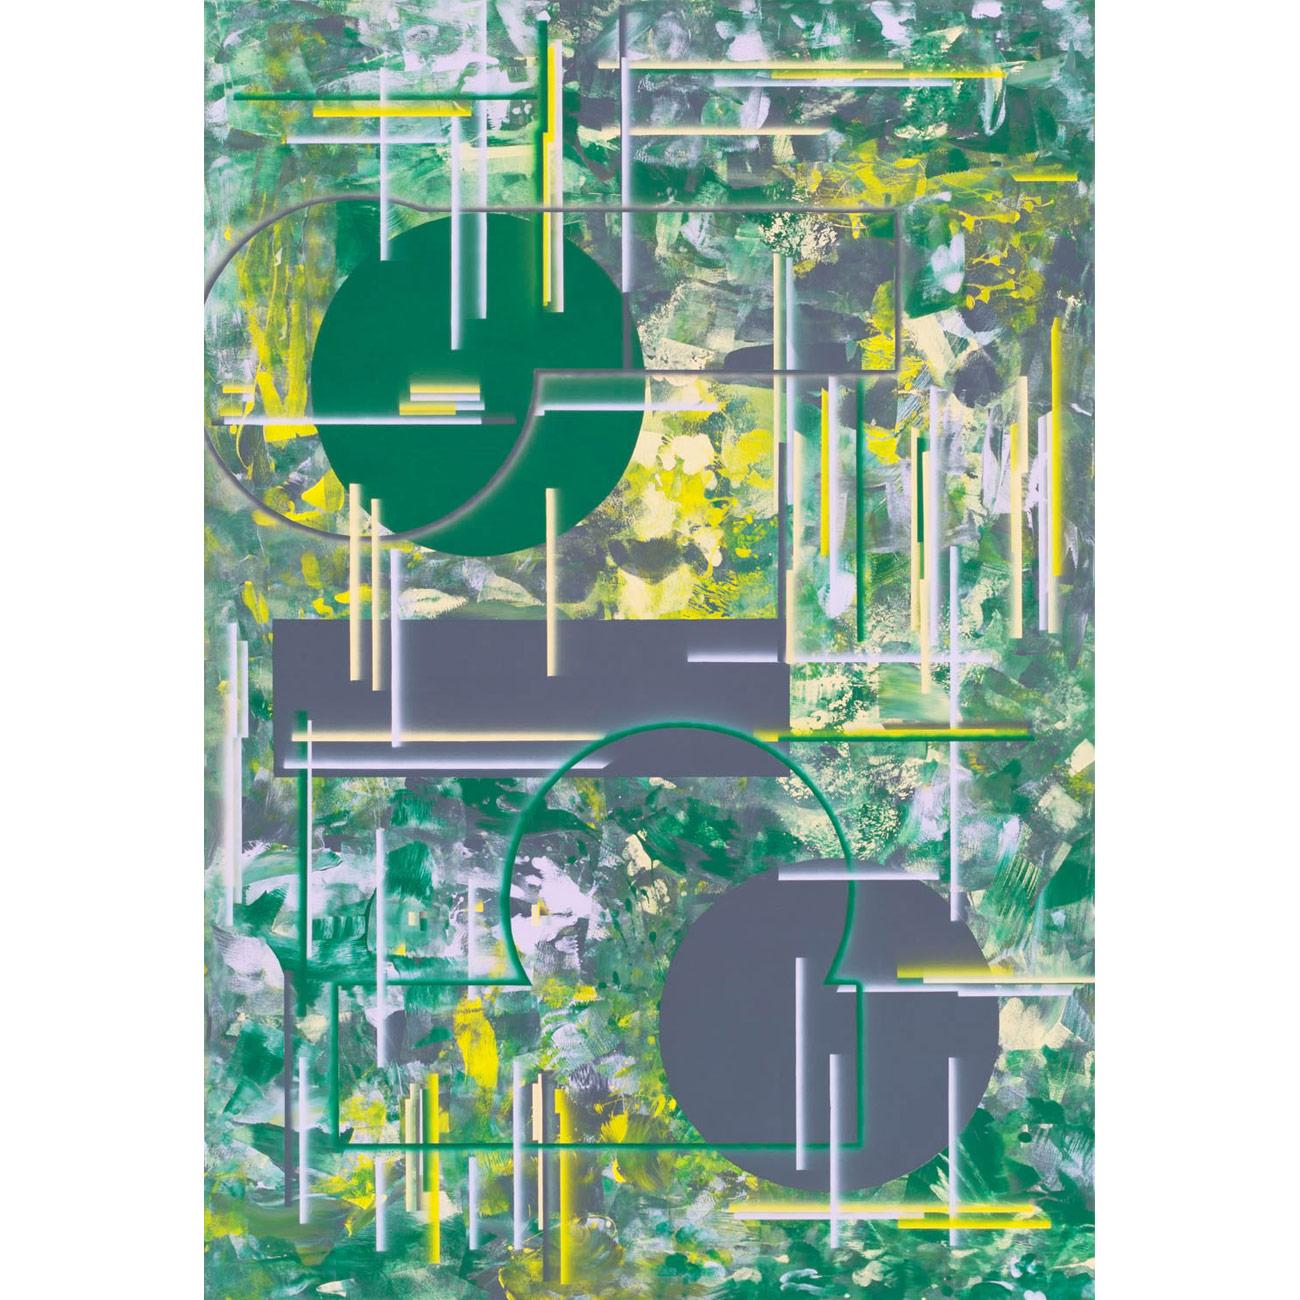 die innere Seite, 2017, 190 x 130cm, Acryl auf Nessel